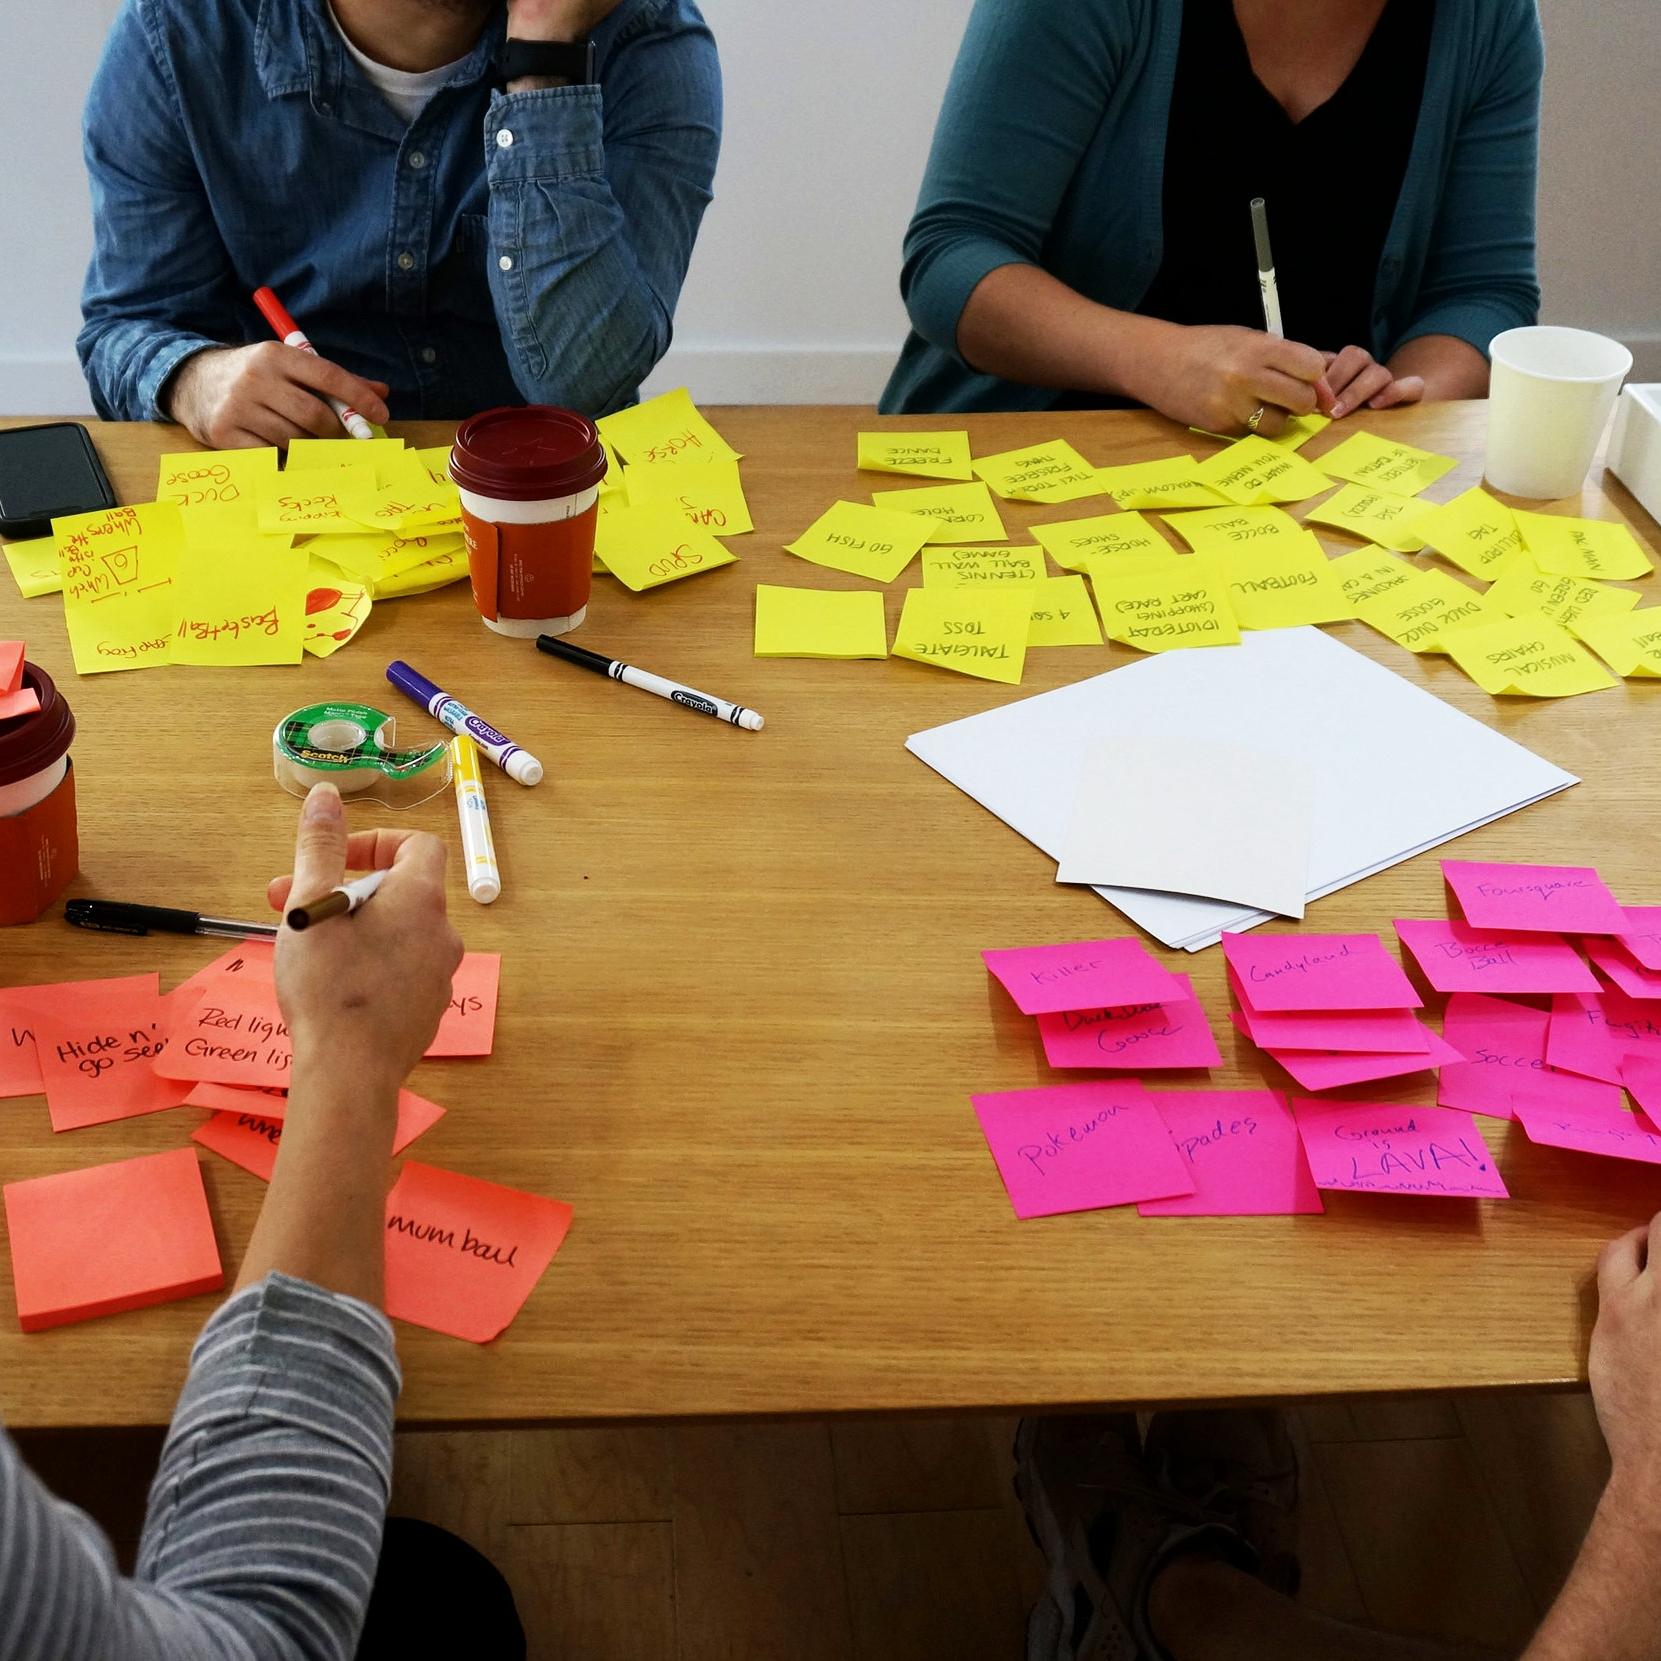 Brainstorming-postits.jpg